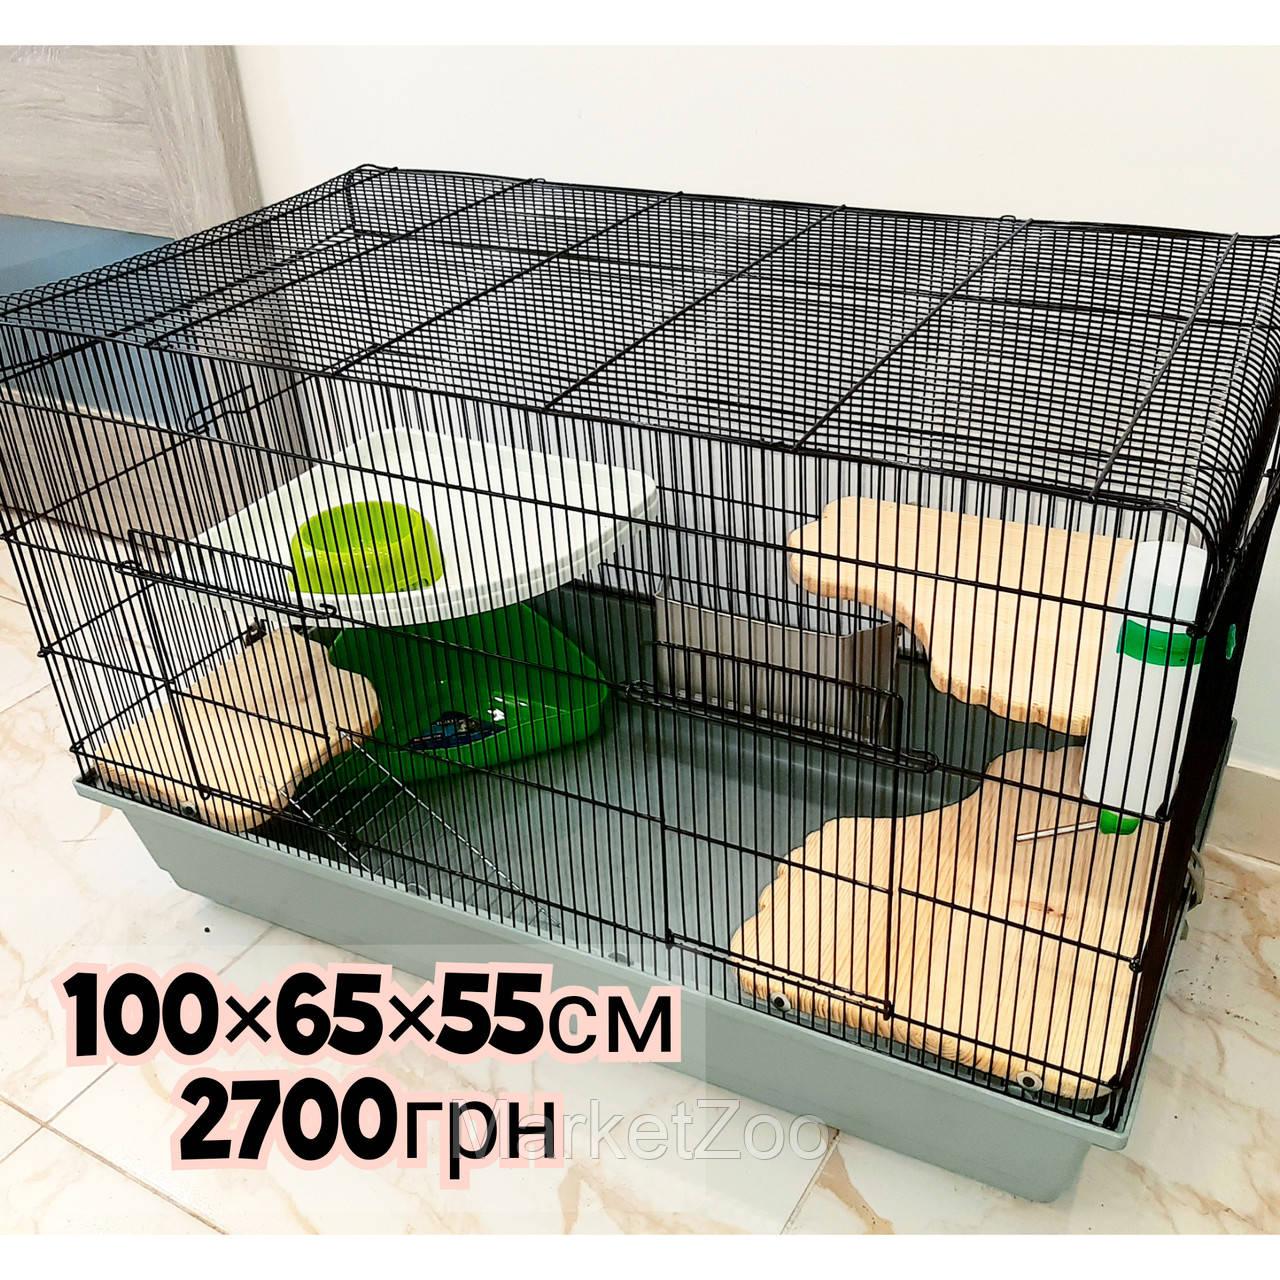 Клетка для кролика,крыски,белки летяги,белки дегу,шиншиллы.Размер 100×65×55